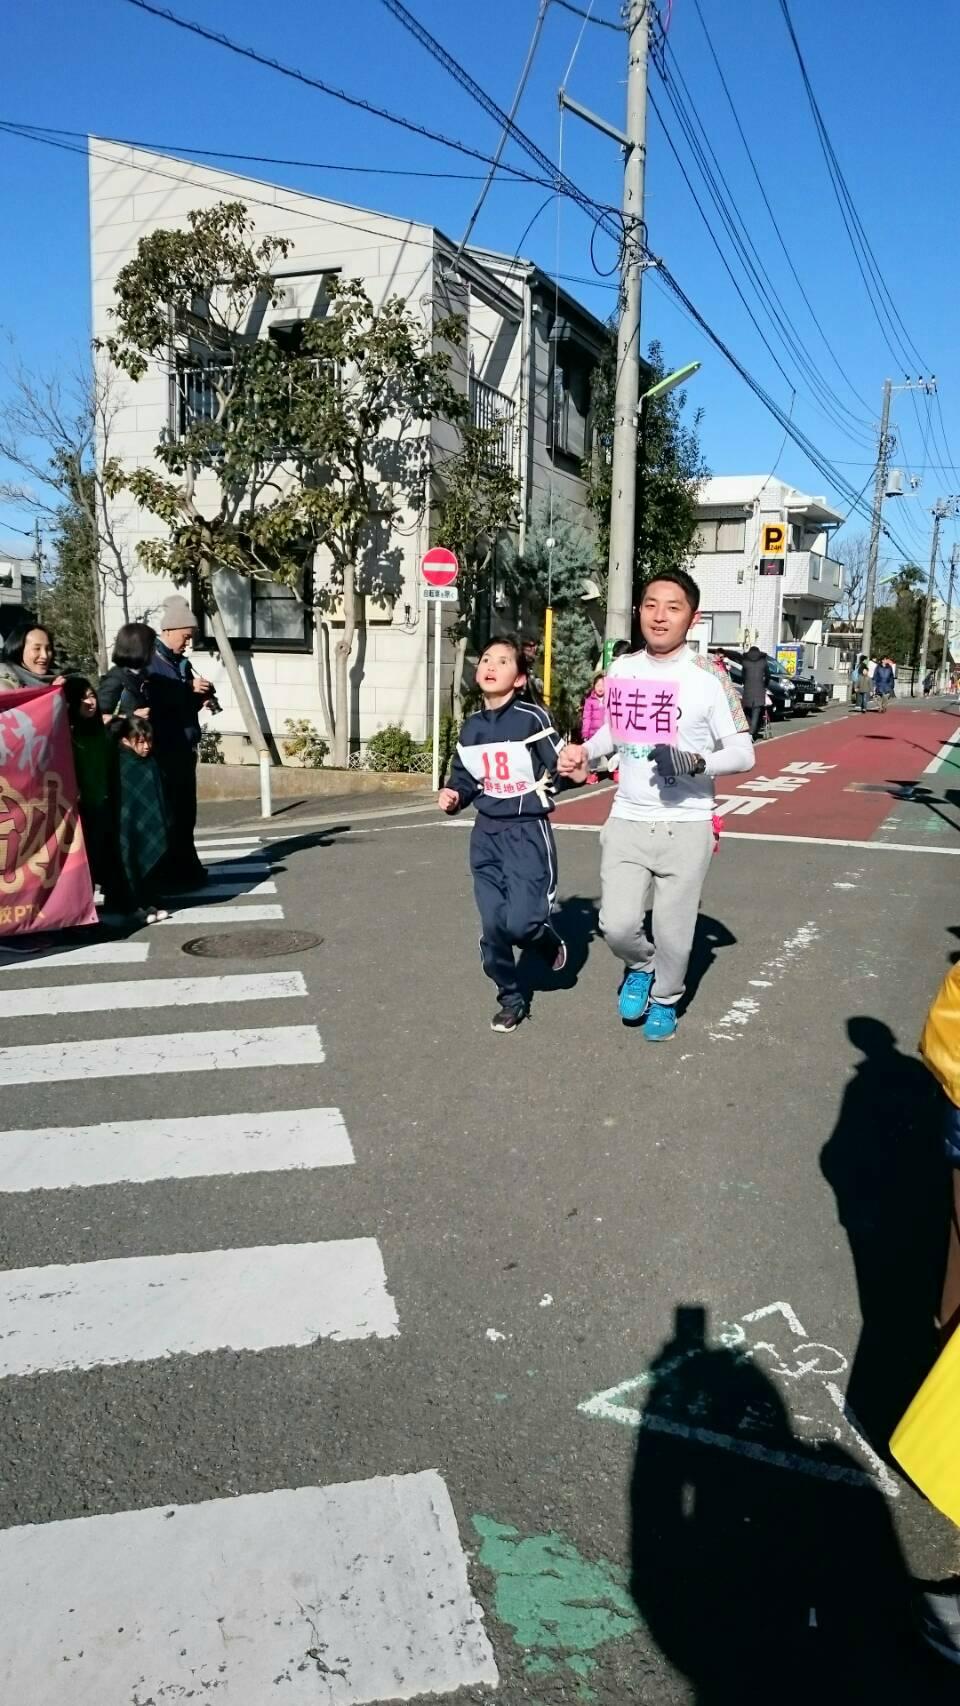 上野毛地区のマラソン大会に長女の伴走で参加。近隣の皆さんから温かい声援を頂いて、無事完走しました。